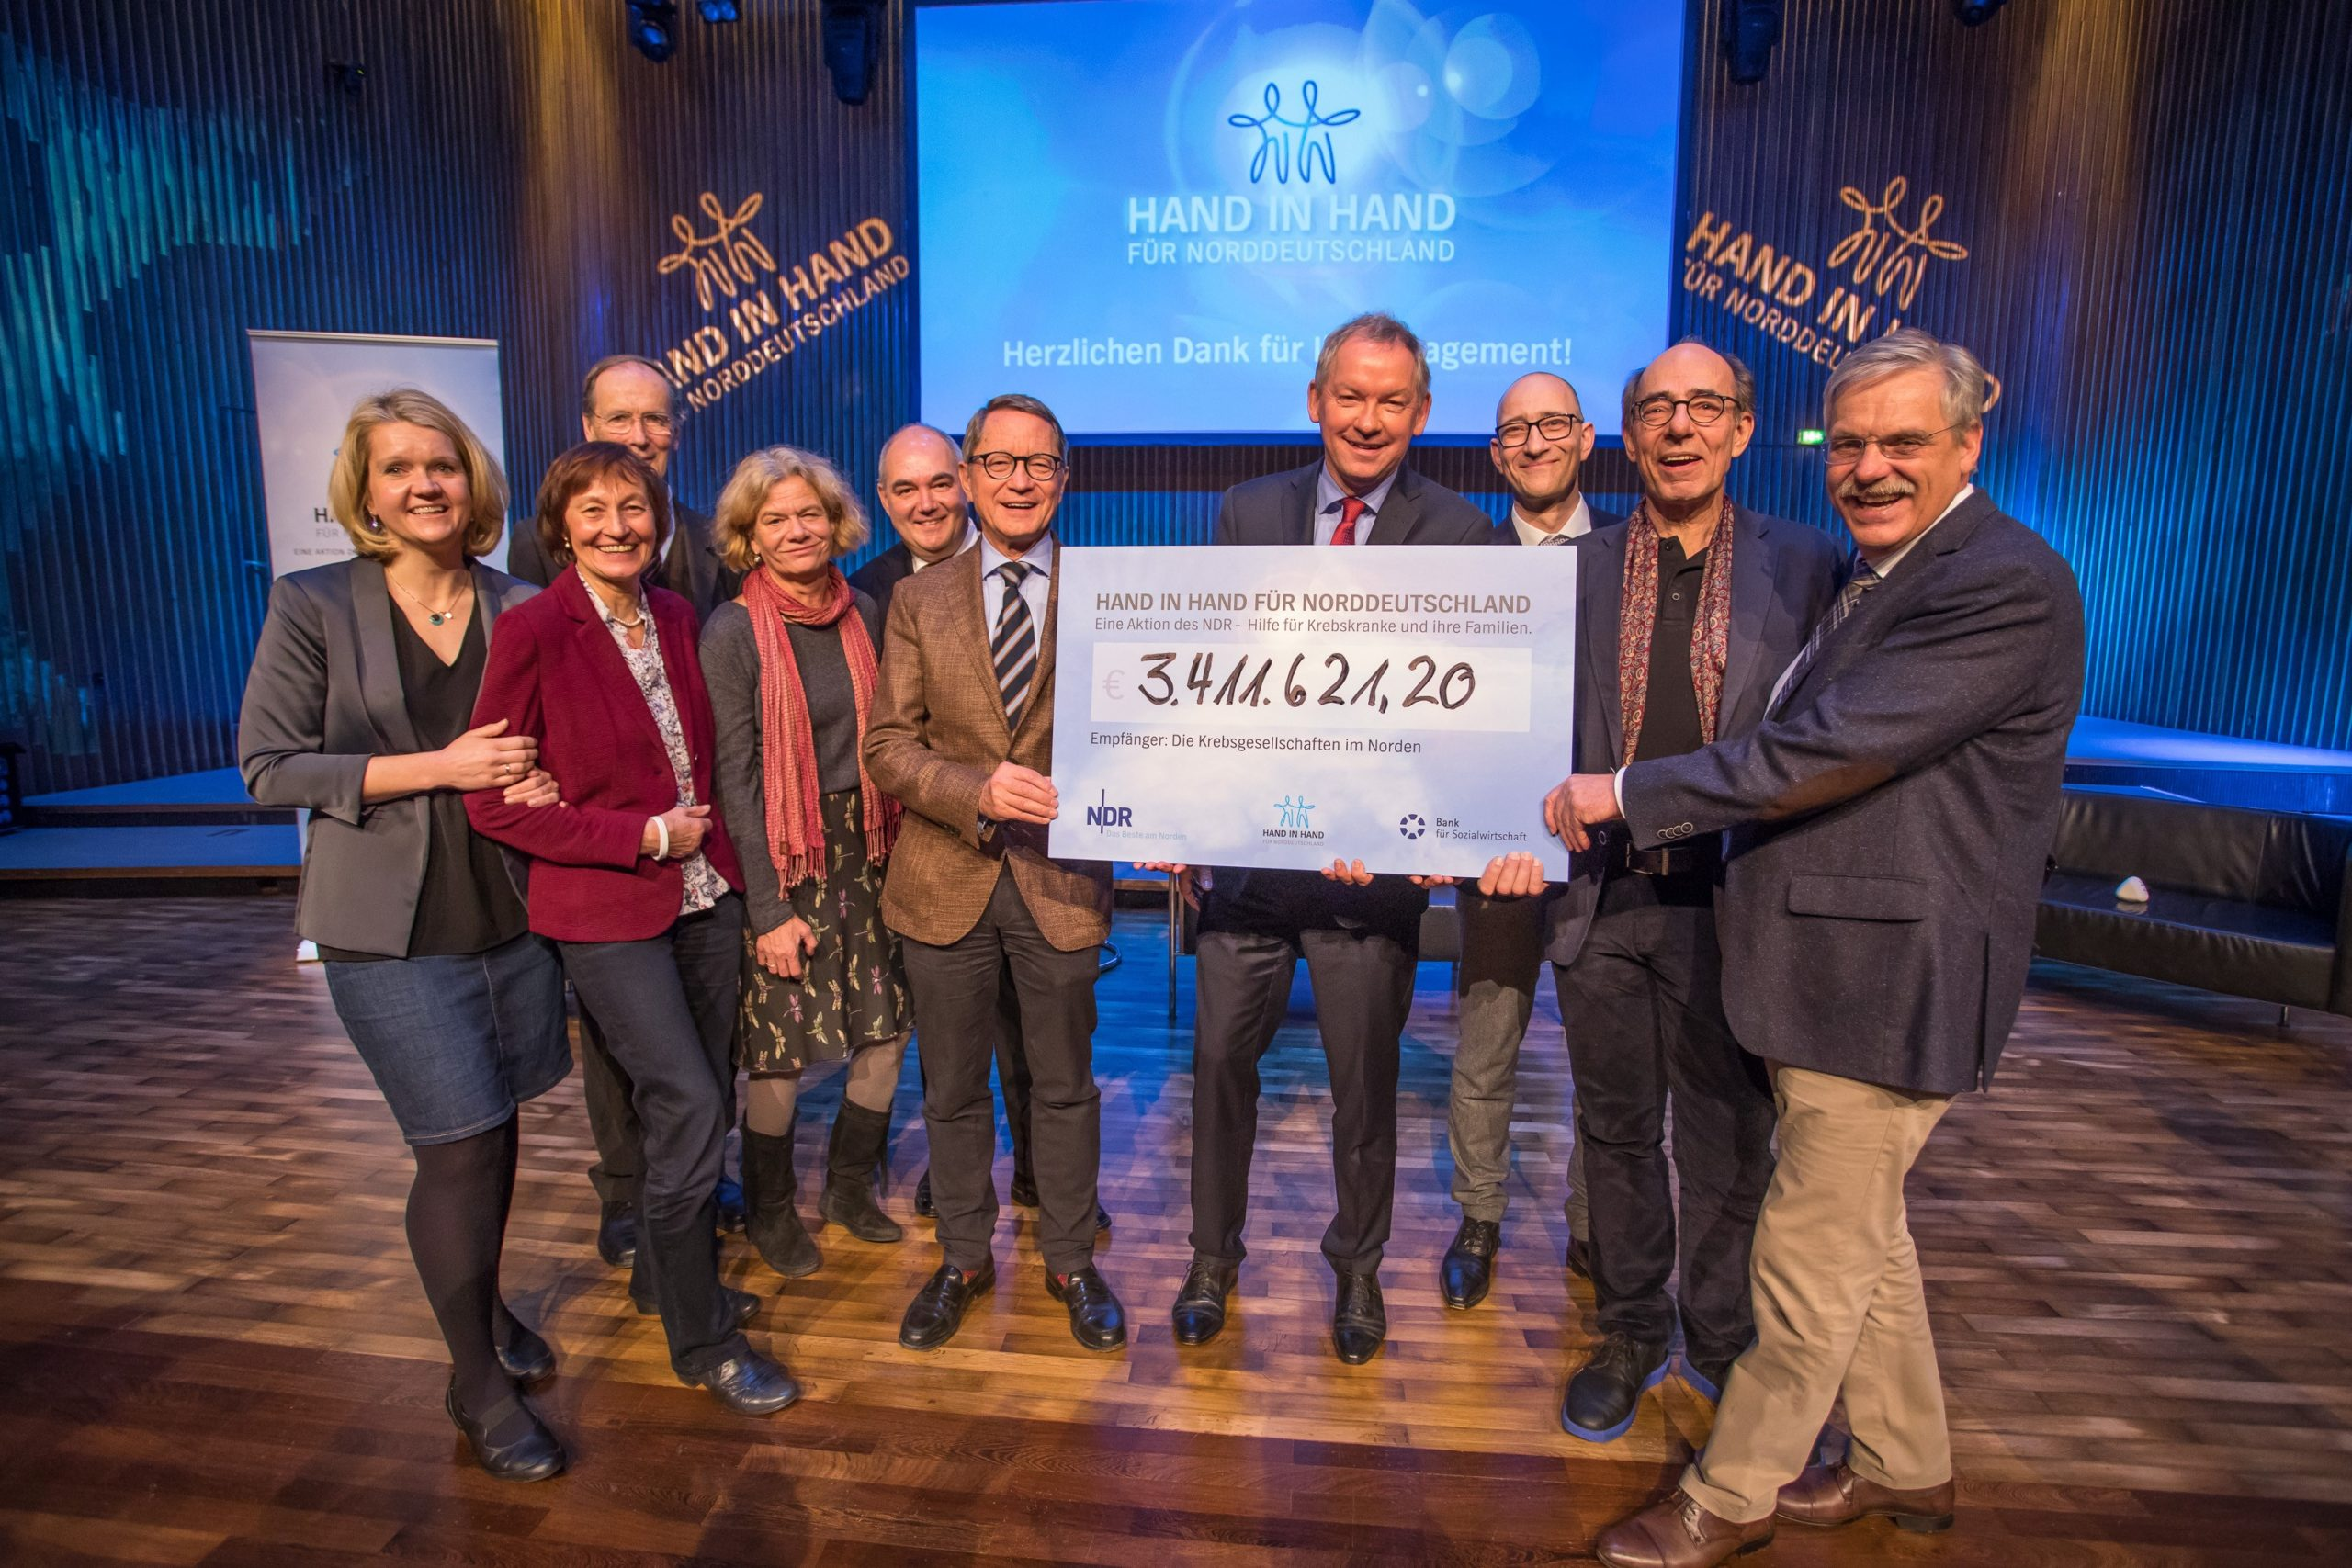 """Spendenrekord Bei """"Hand In Hand"""": Mehr Als 3,4 Millionen Euro"""